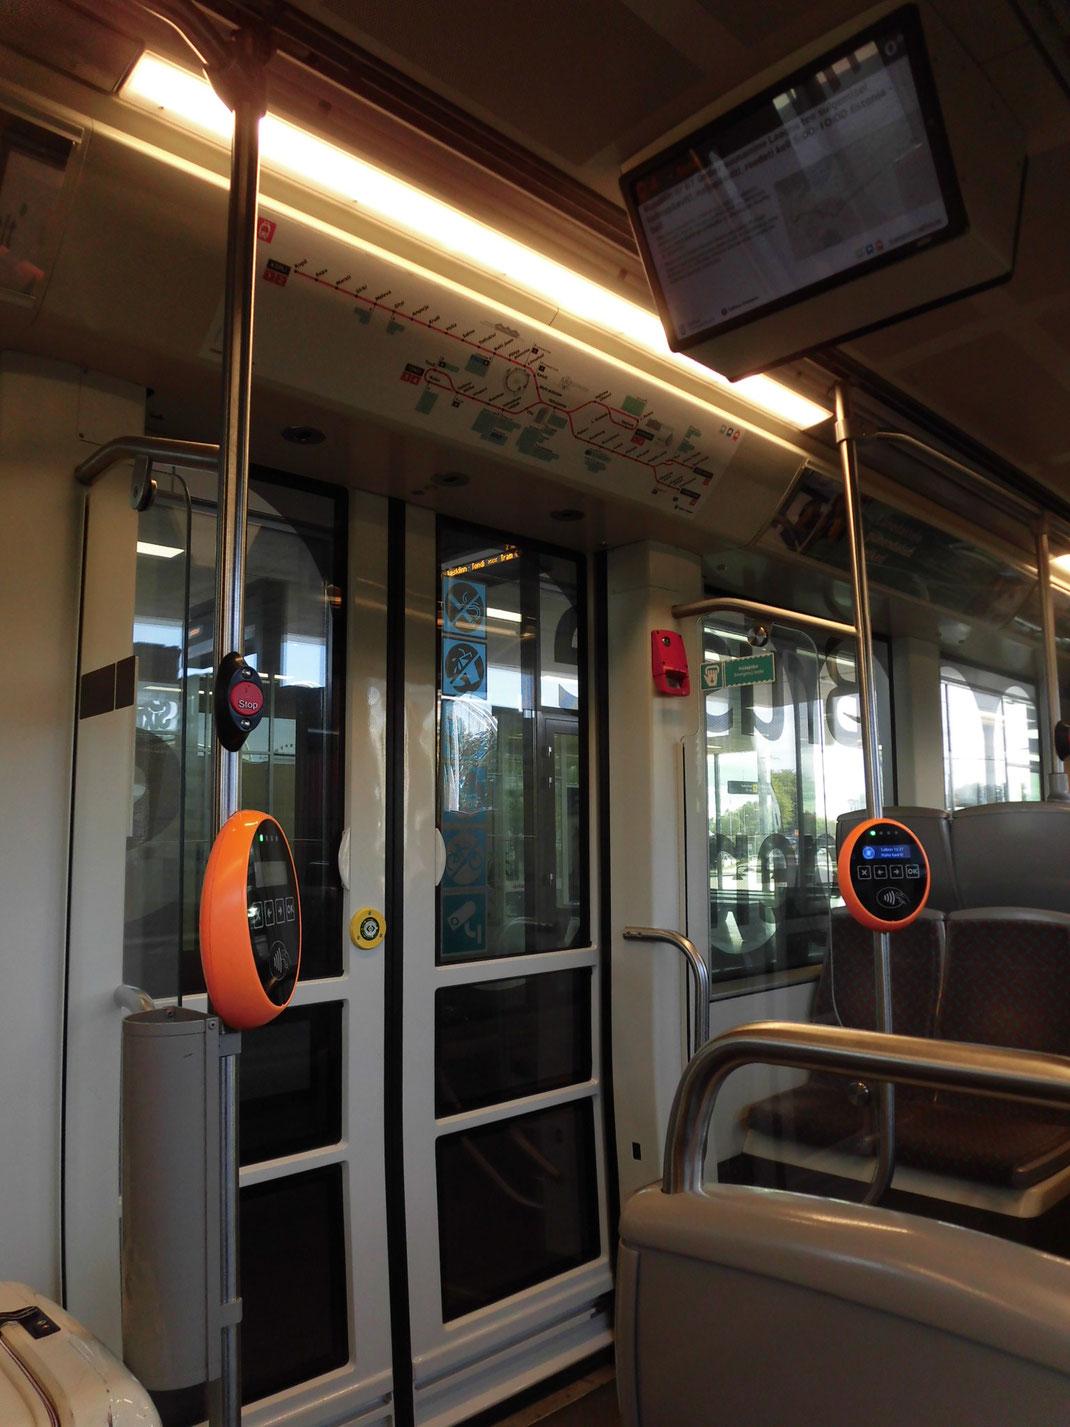 トラム車内。IT立国らしいデザイン。アナウンスはエストニア語のみ